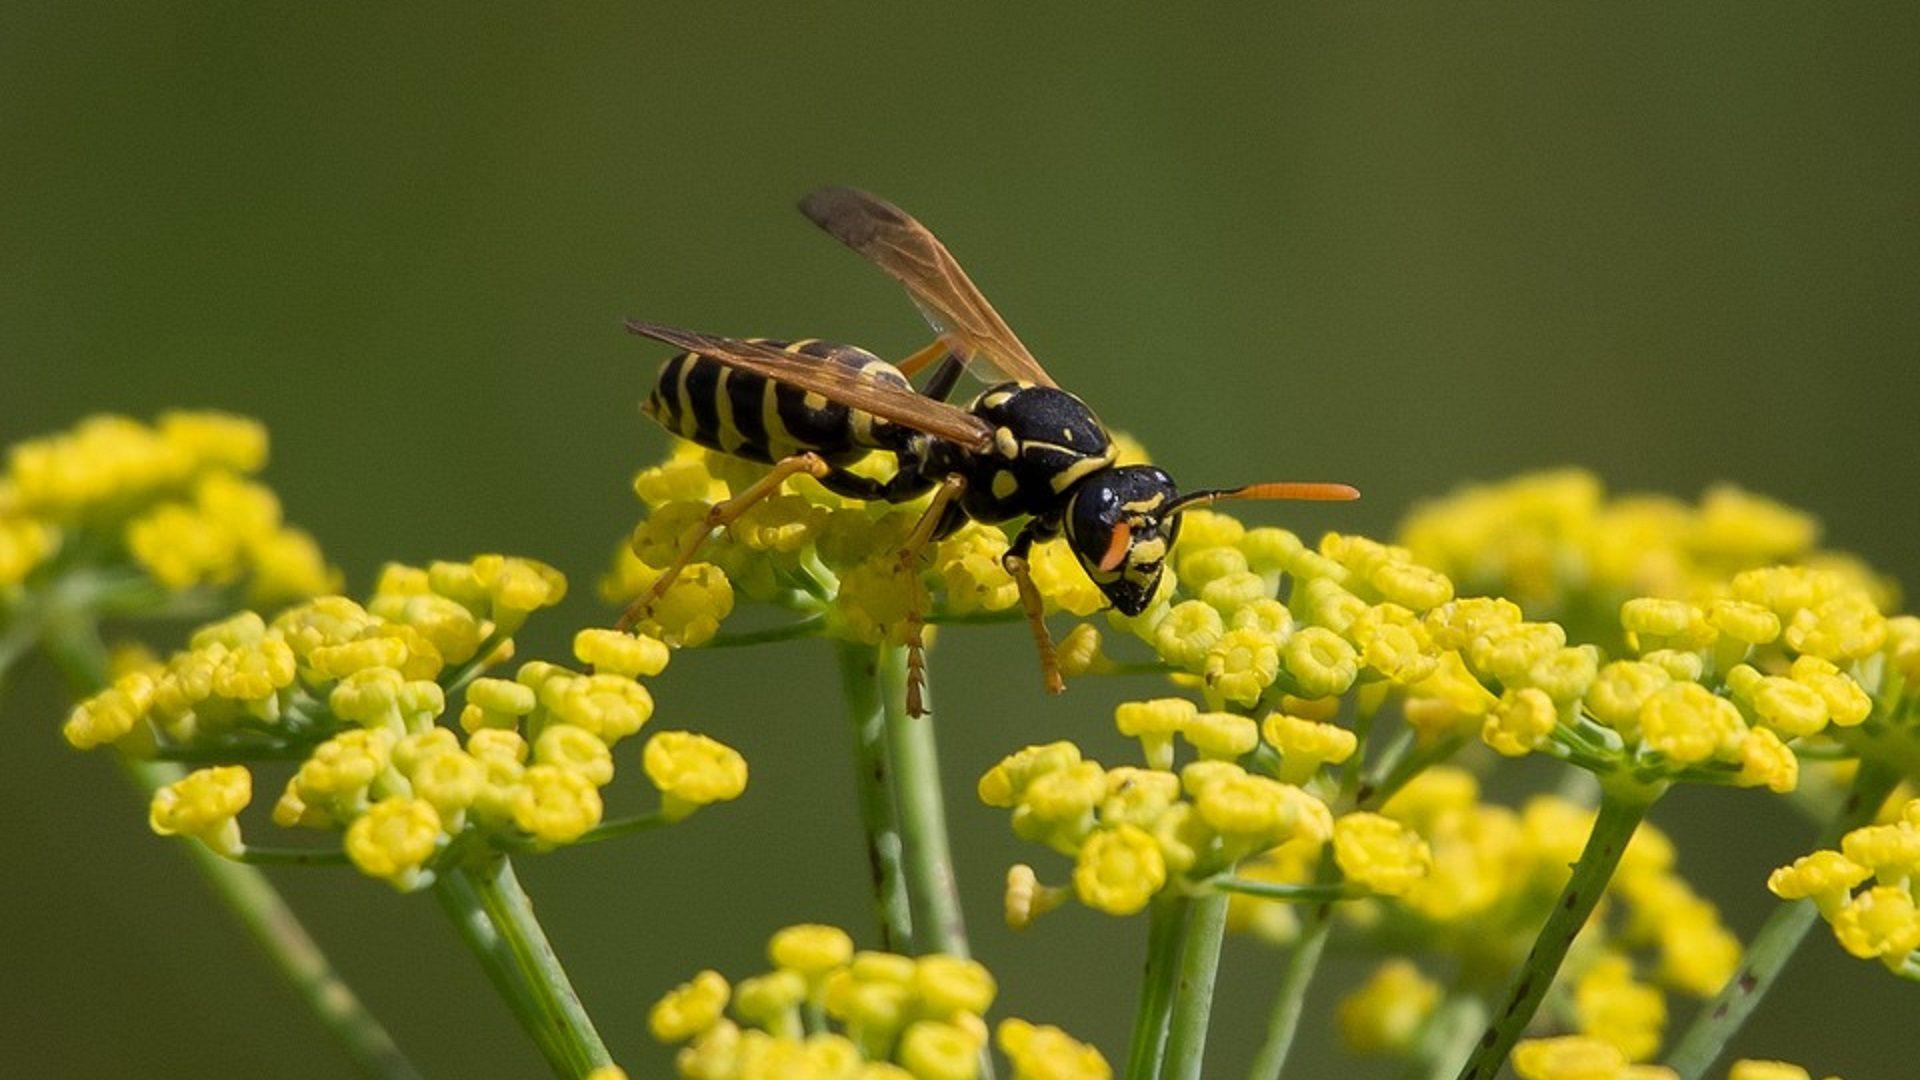 come allontanare api, vespe e calabroni: rimedi e consigli per